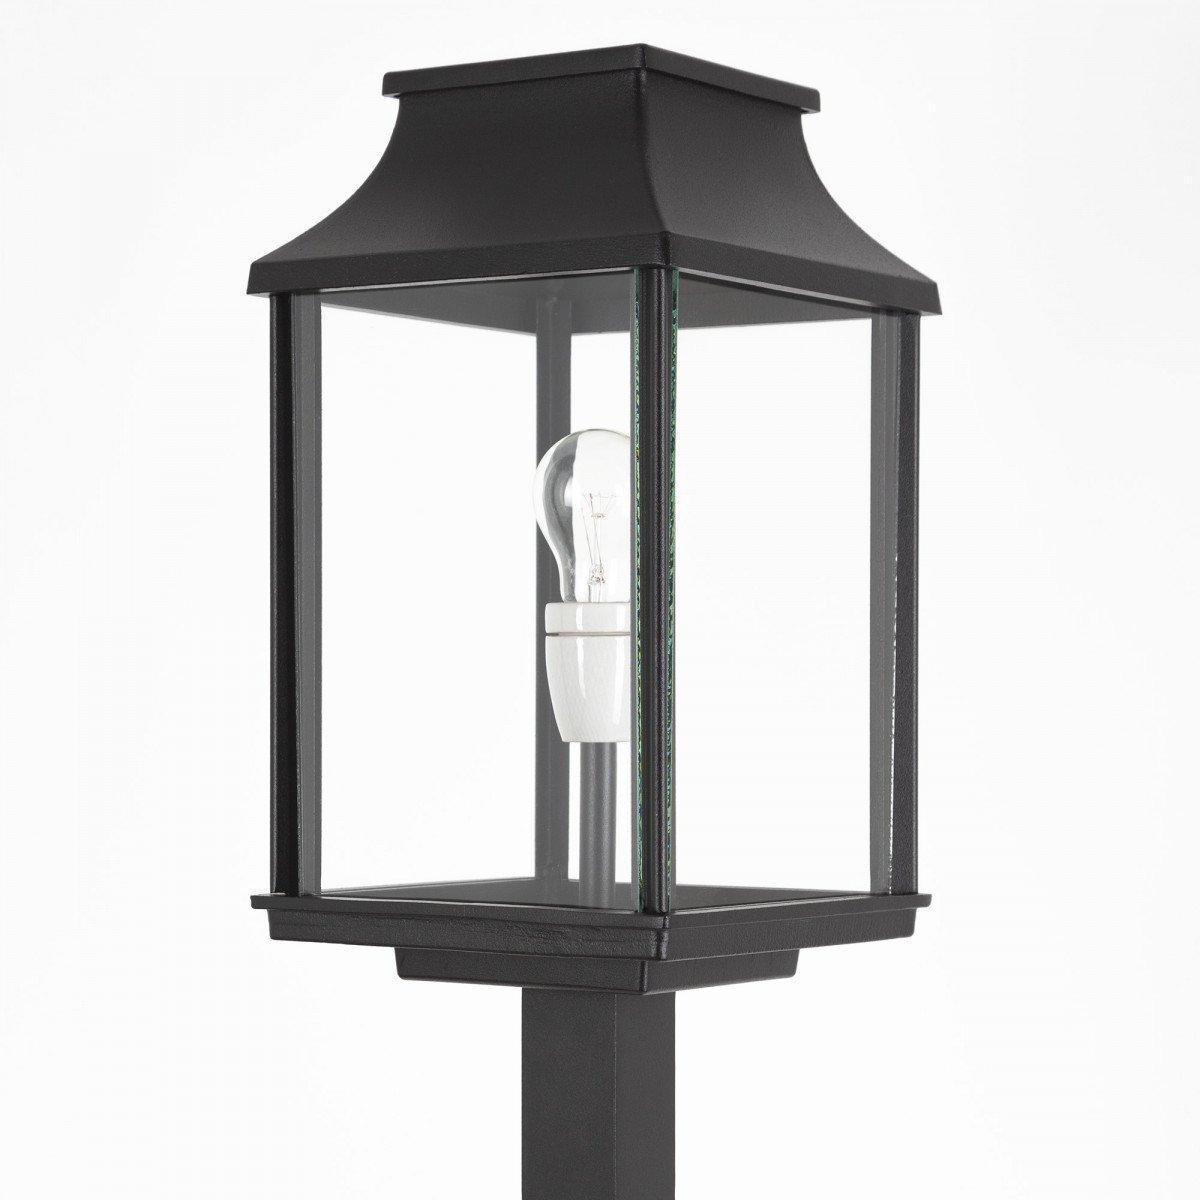 klassieke buitenverlichting terraslamp Goteborgeen stijlvolle strak klassiek vormgegeven terras lantaarn voor buiten, tuinverlichting lantaarnpaal van KS verlichting